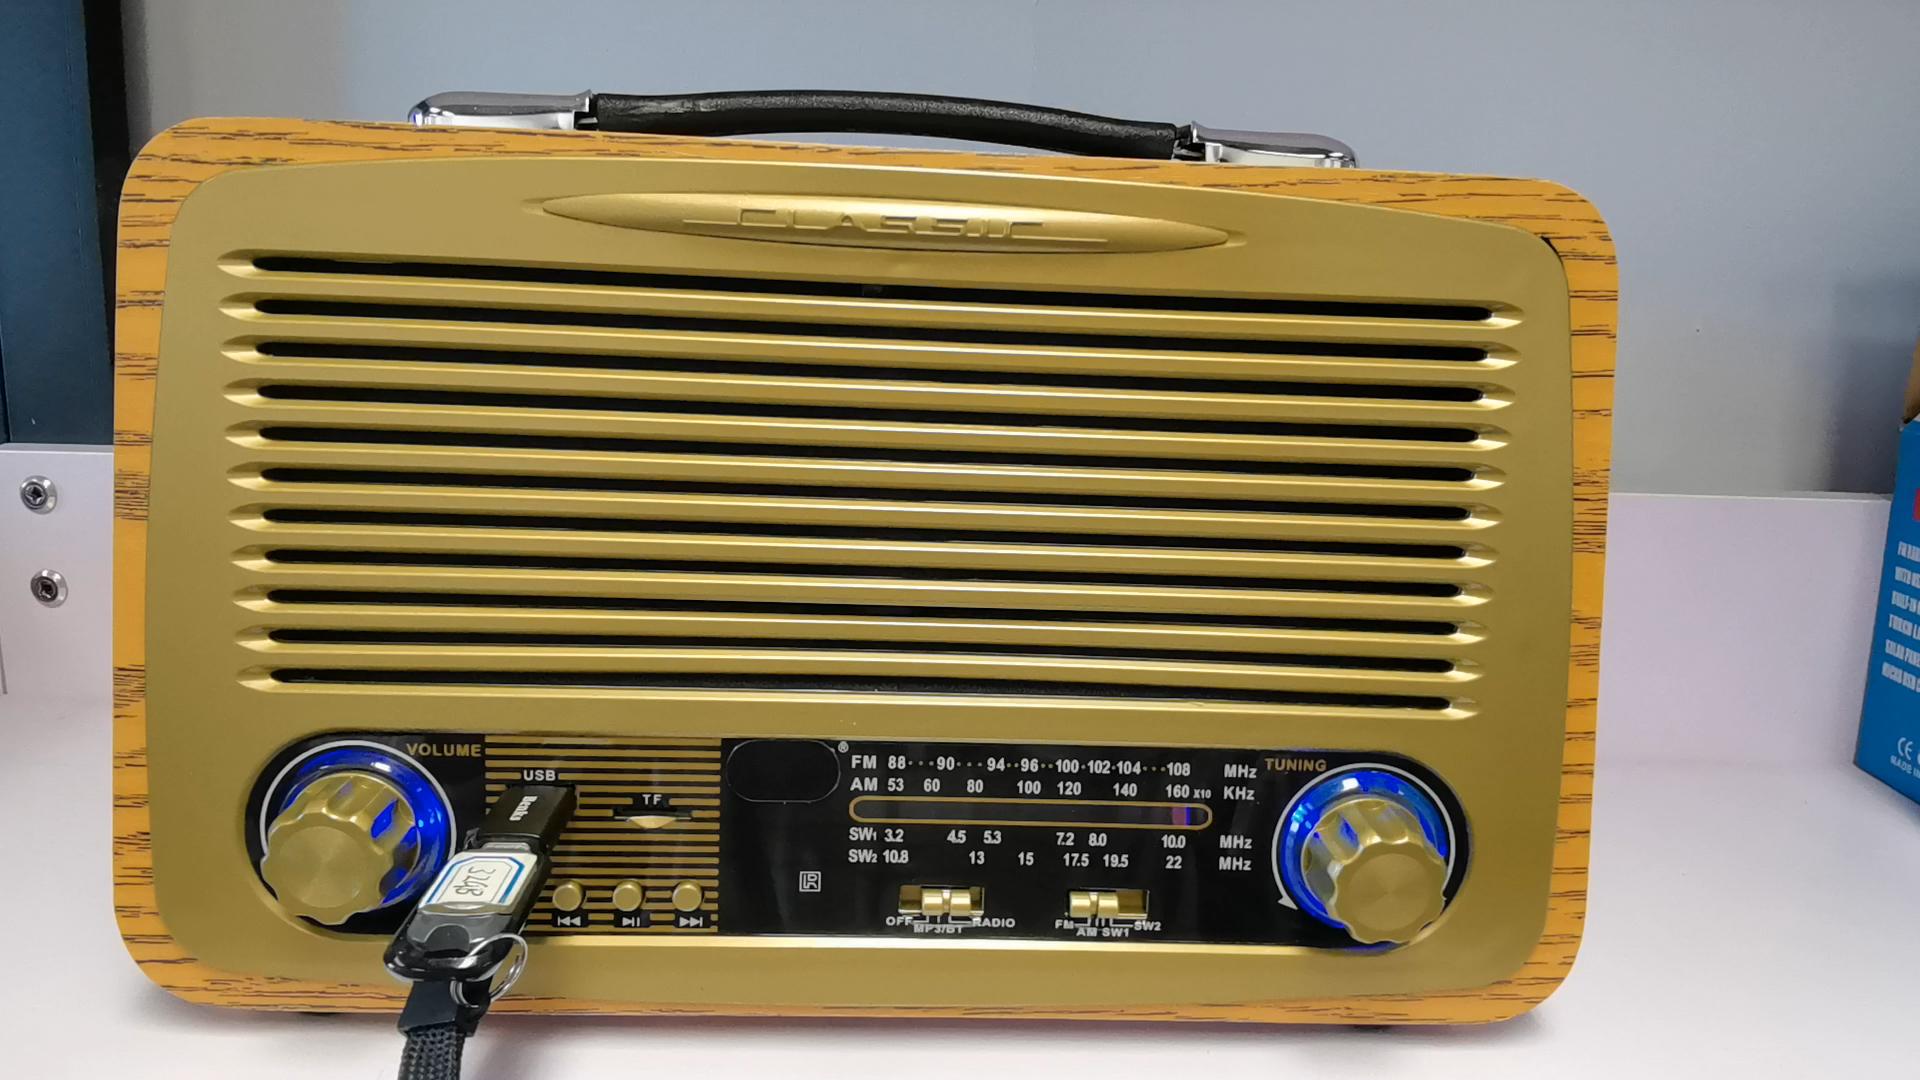 Multi vintage banda de rádio de madeira com blueteeth, usb, mp3 player slot de painel solar e lâmpada r-2055bt